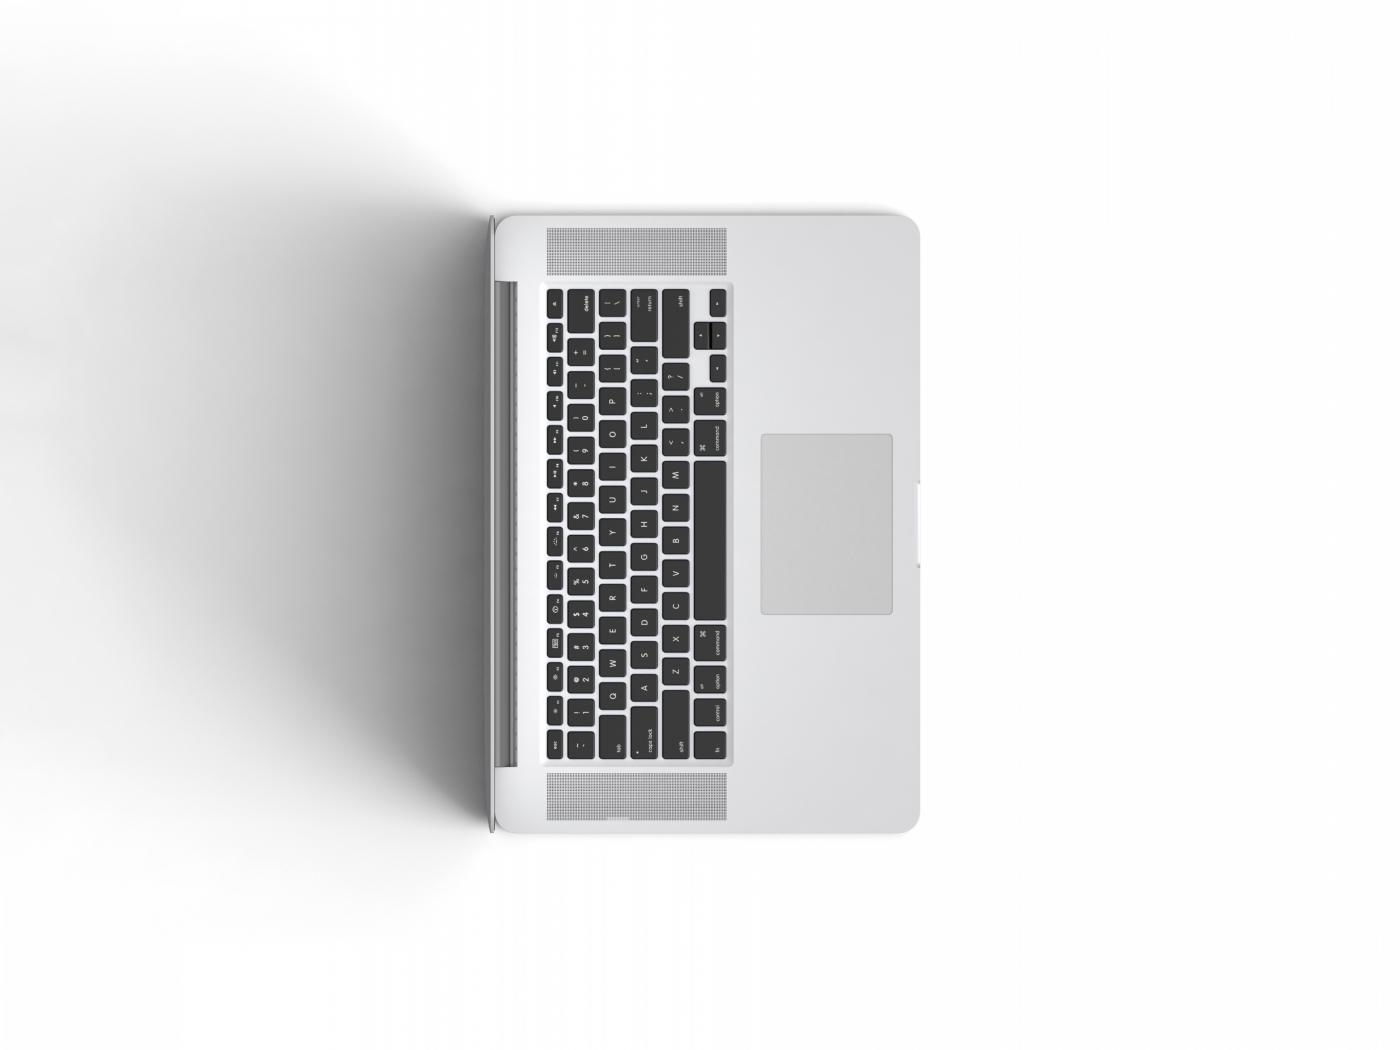 高清晰苹果电脑与笔记本电脑壁纸---酷图编号1257588